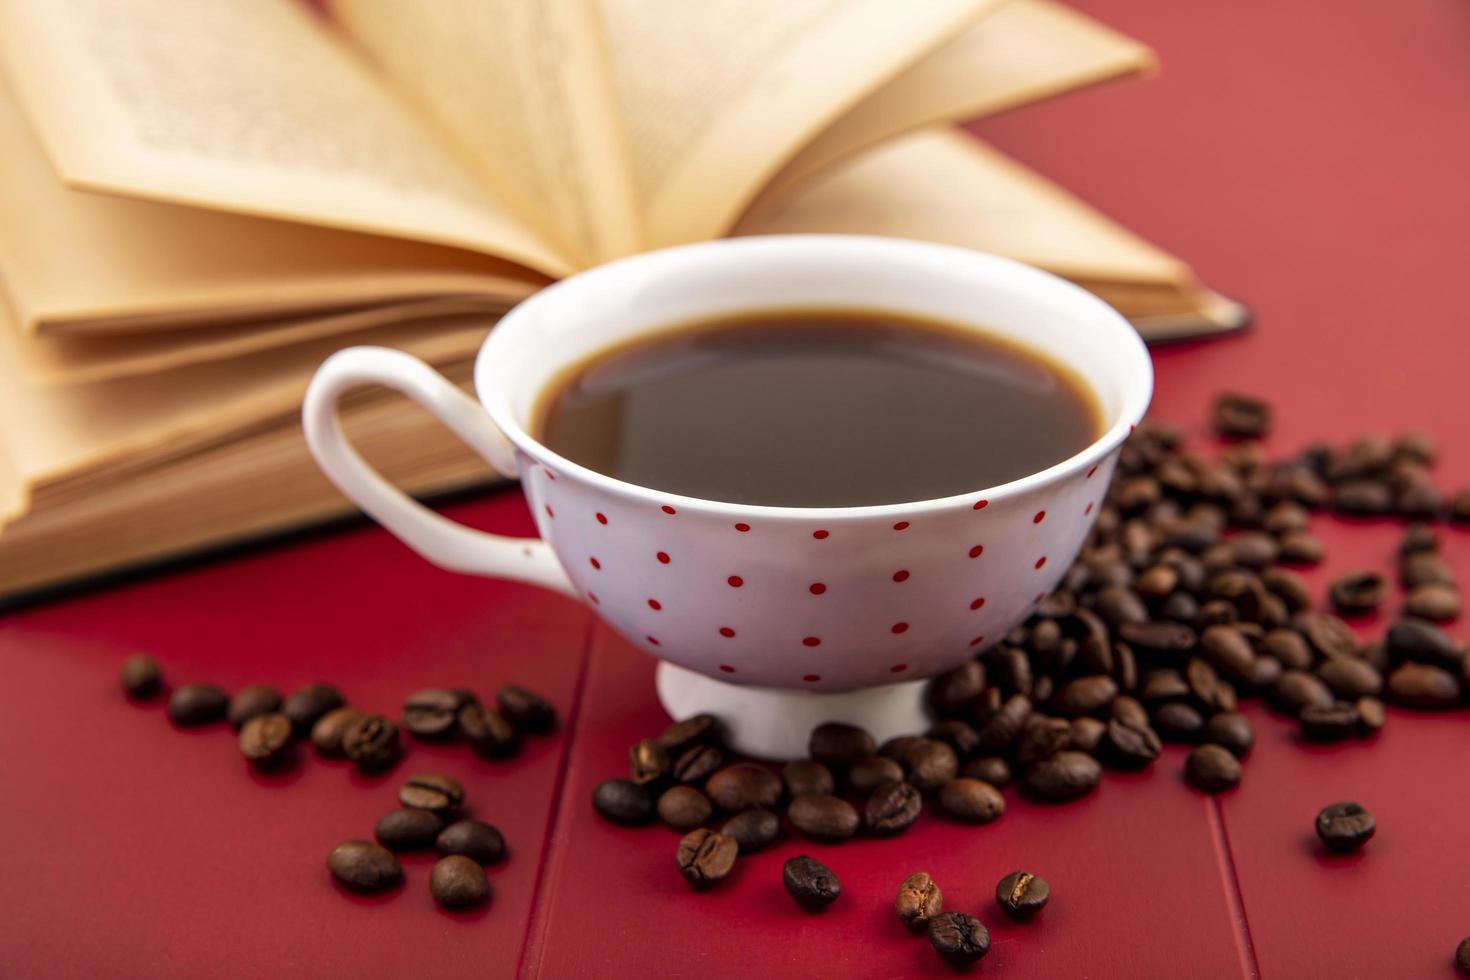 kopje koffie met koffiebonen geïsoleerd op een rode achtergrond foto